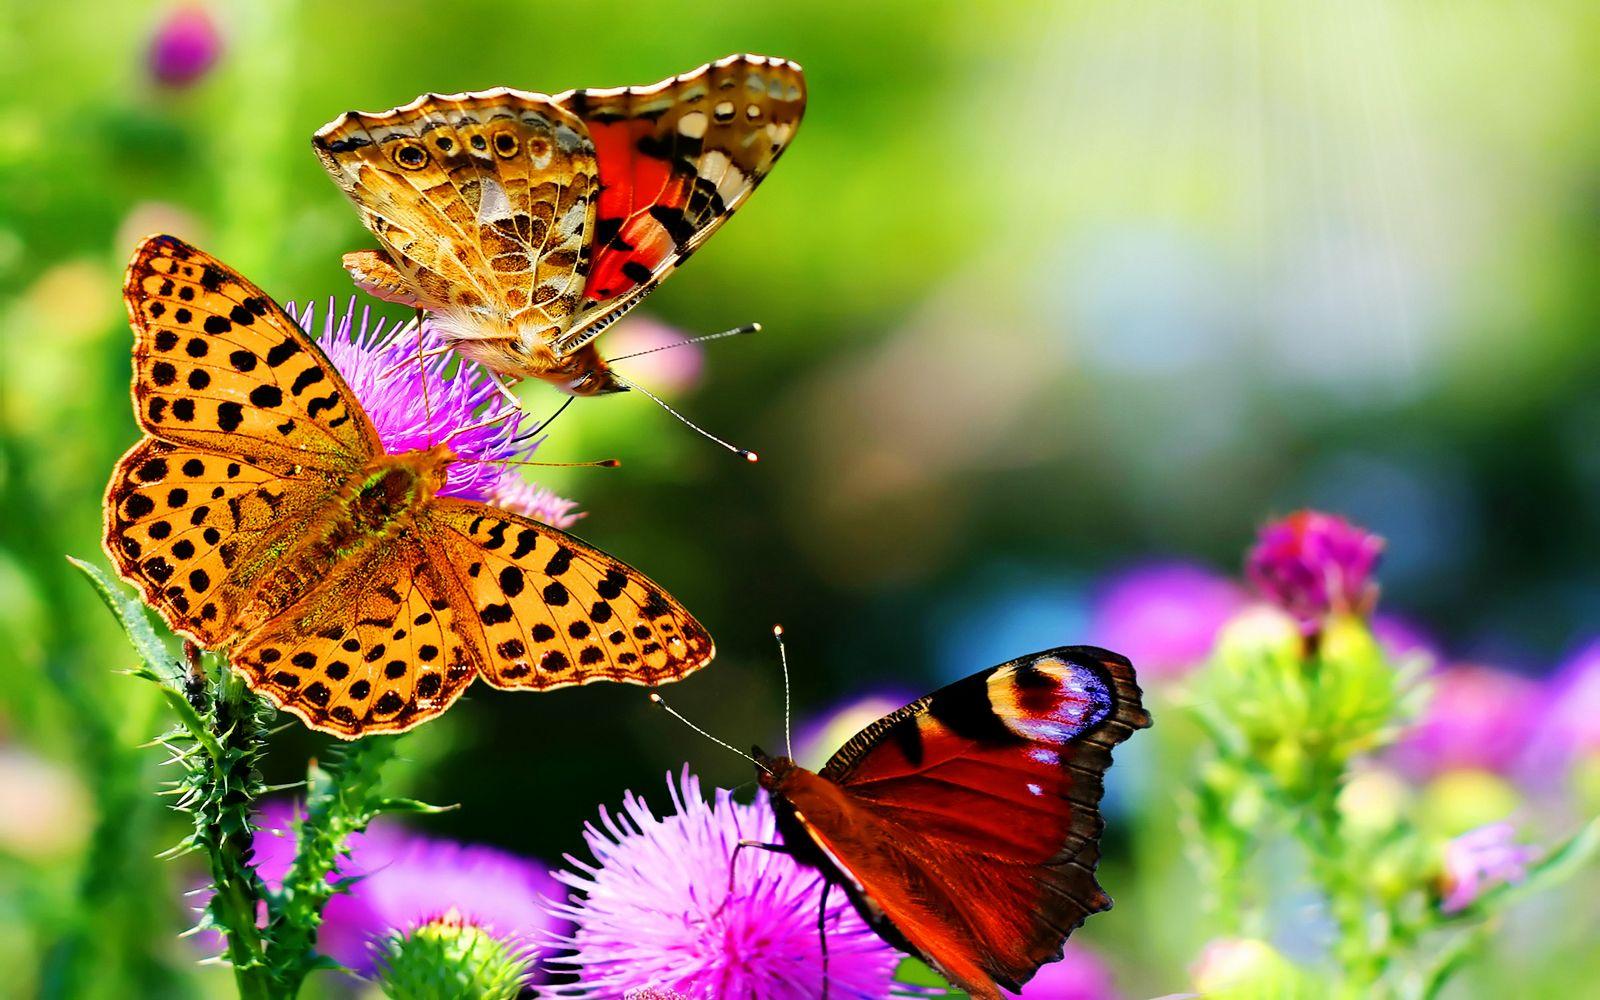 Les Meilleurs Images De La Nature Les Belles Photos De La Nature Les Plus Beaux Fonds Most Beautiful Butterfly Beautiful Butterflies Butterfly Wallpaper